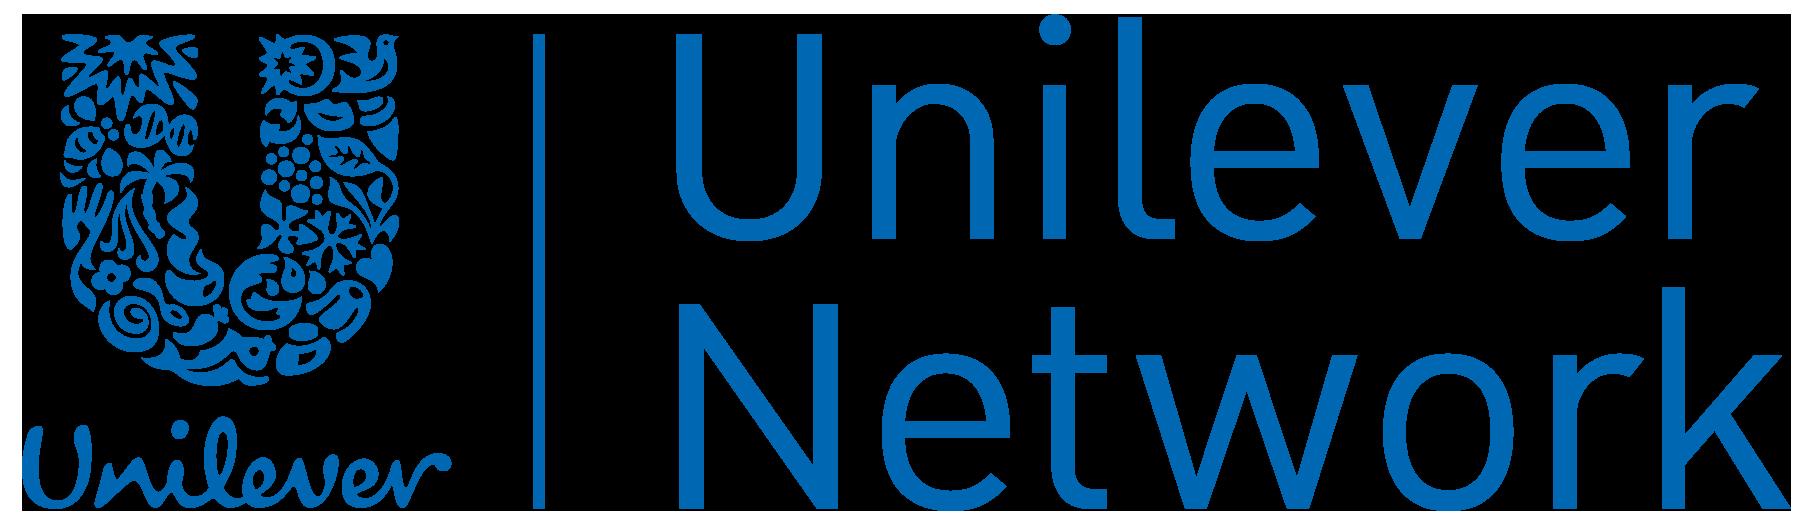 Uniliver Networkl ogo.png